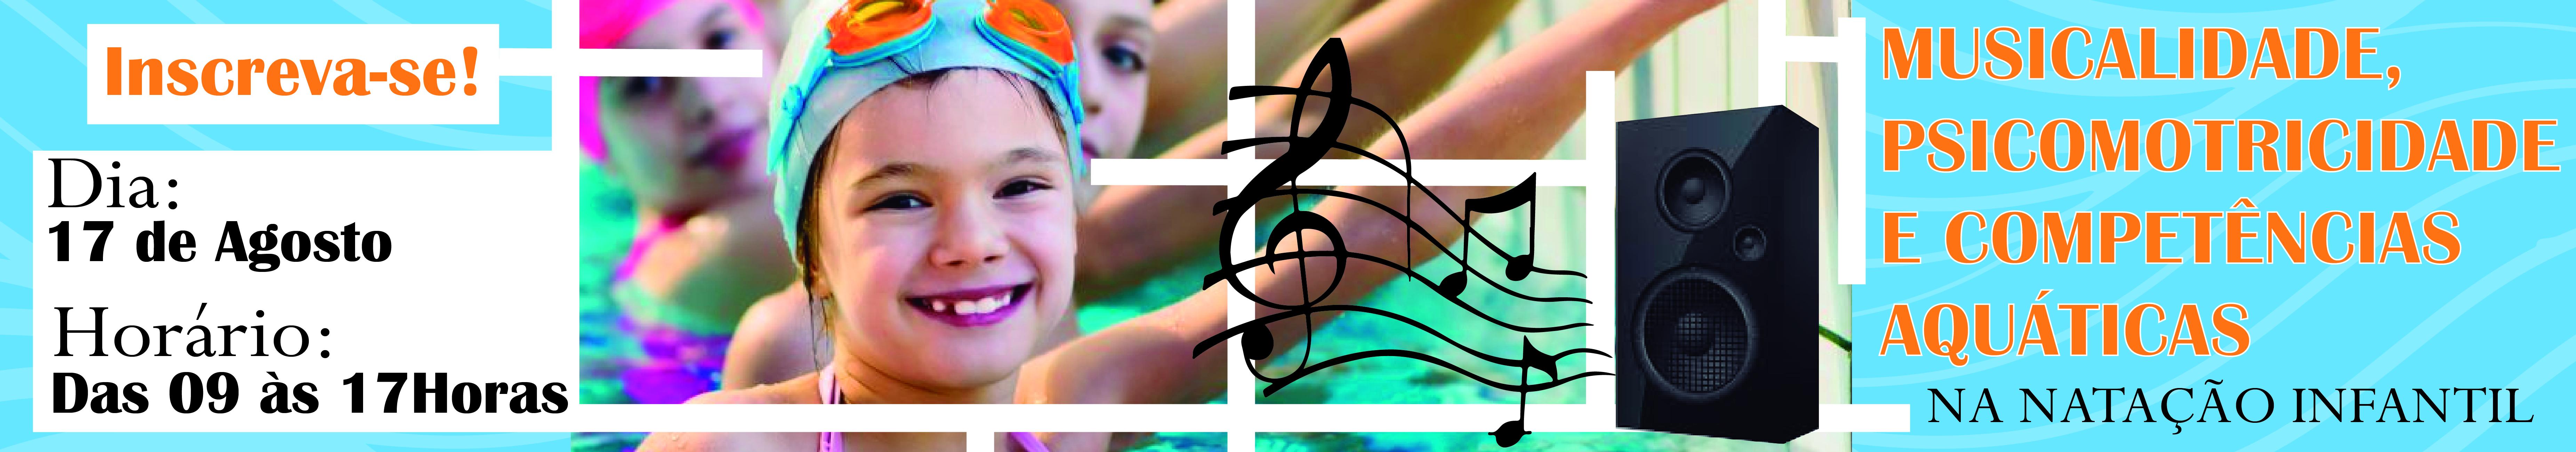 Musicalidade, Psicomotricidade e Competências aquáticas na natação infantil